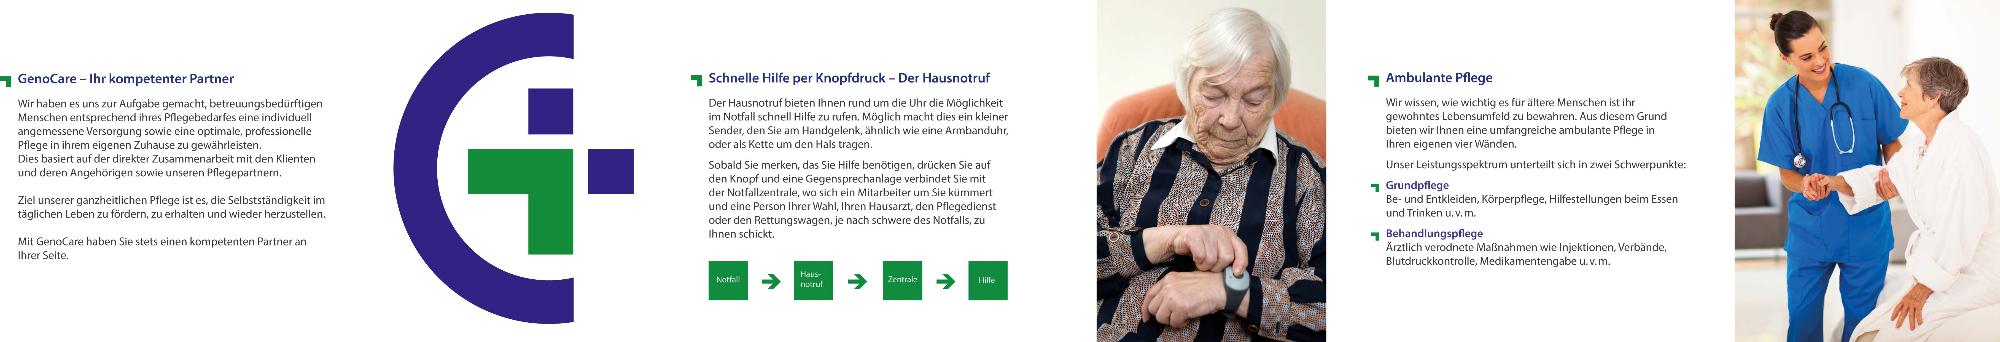 Großartig Häusliche Pflege Aide Galerie - Menschliche Anatomie ...